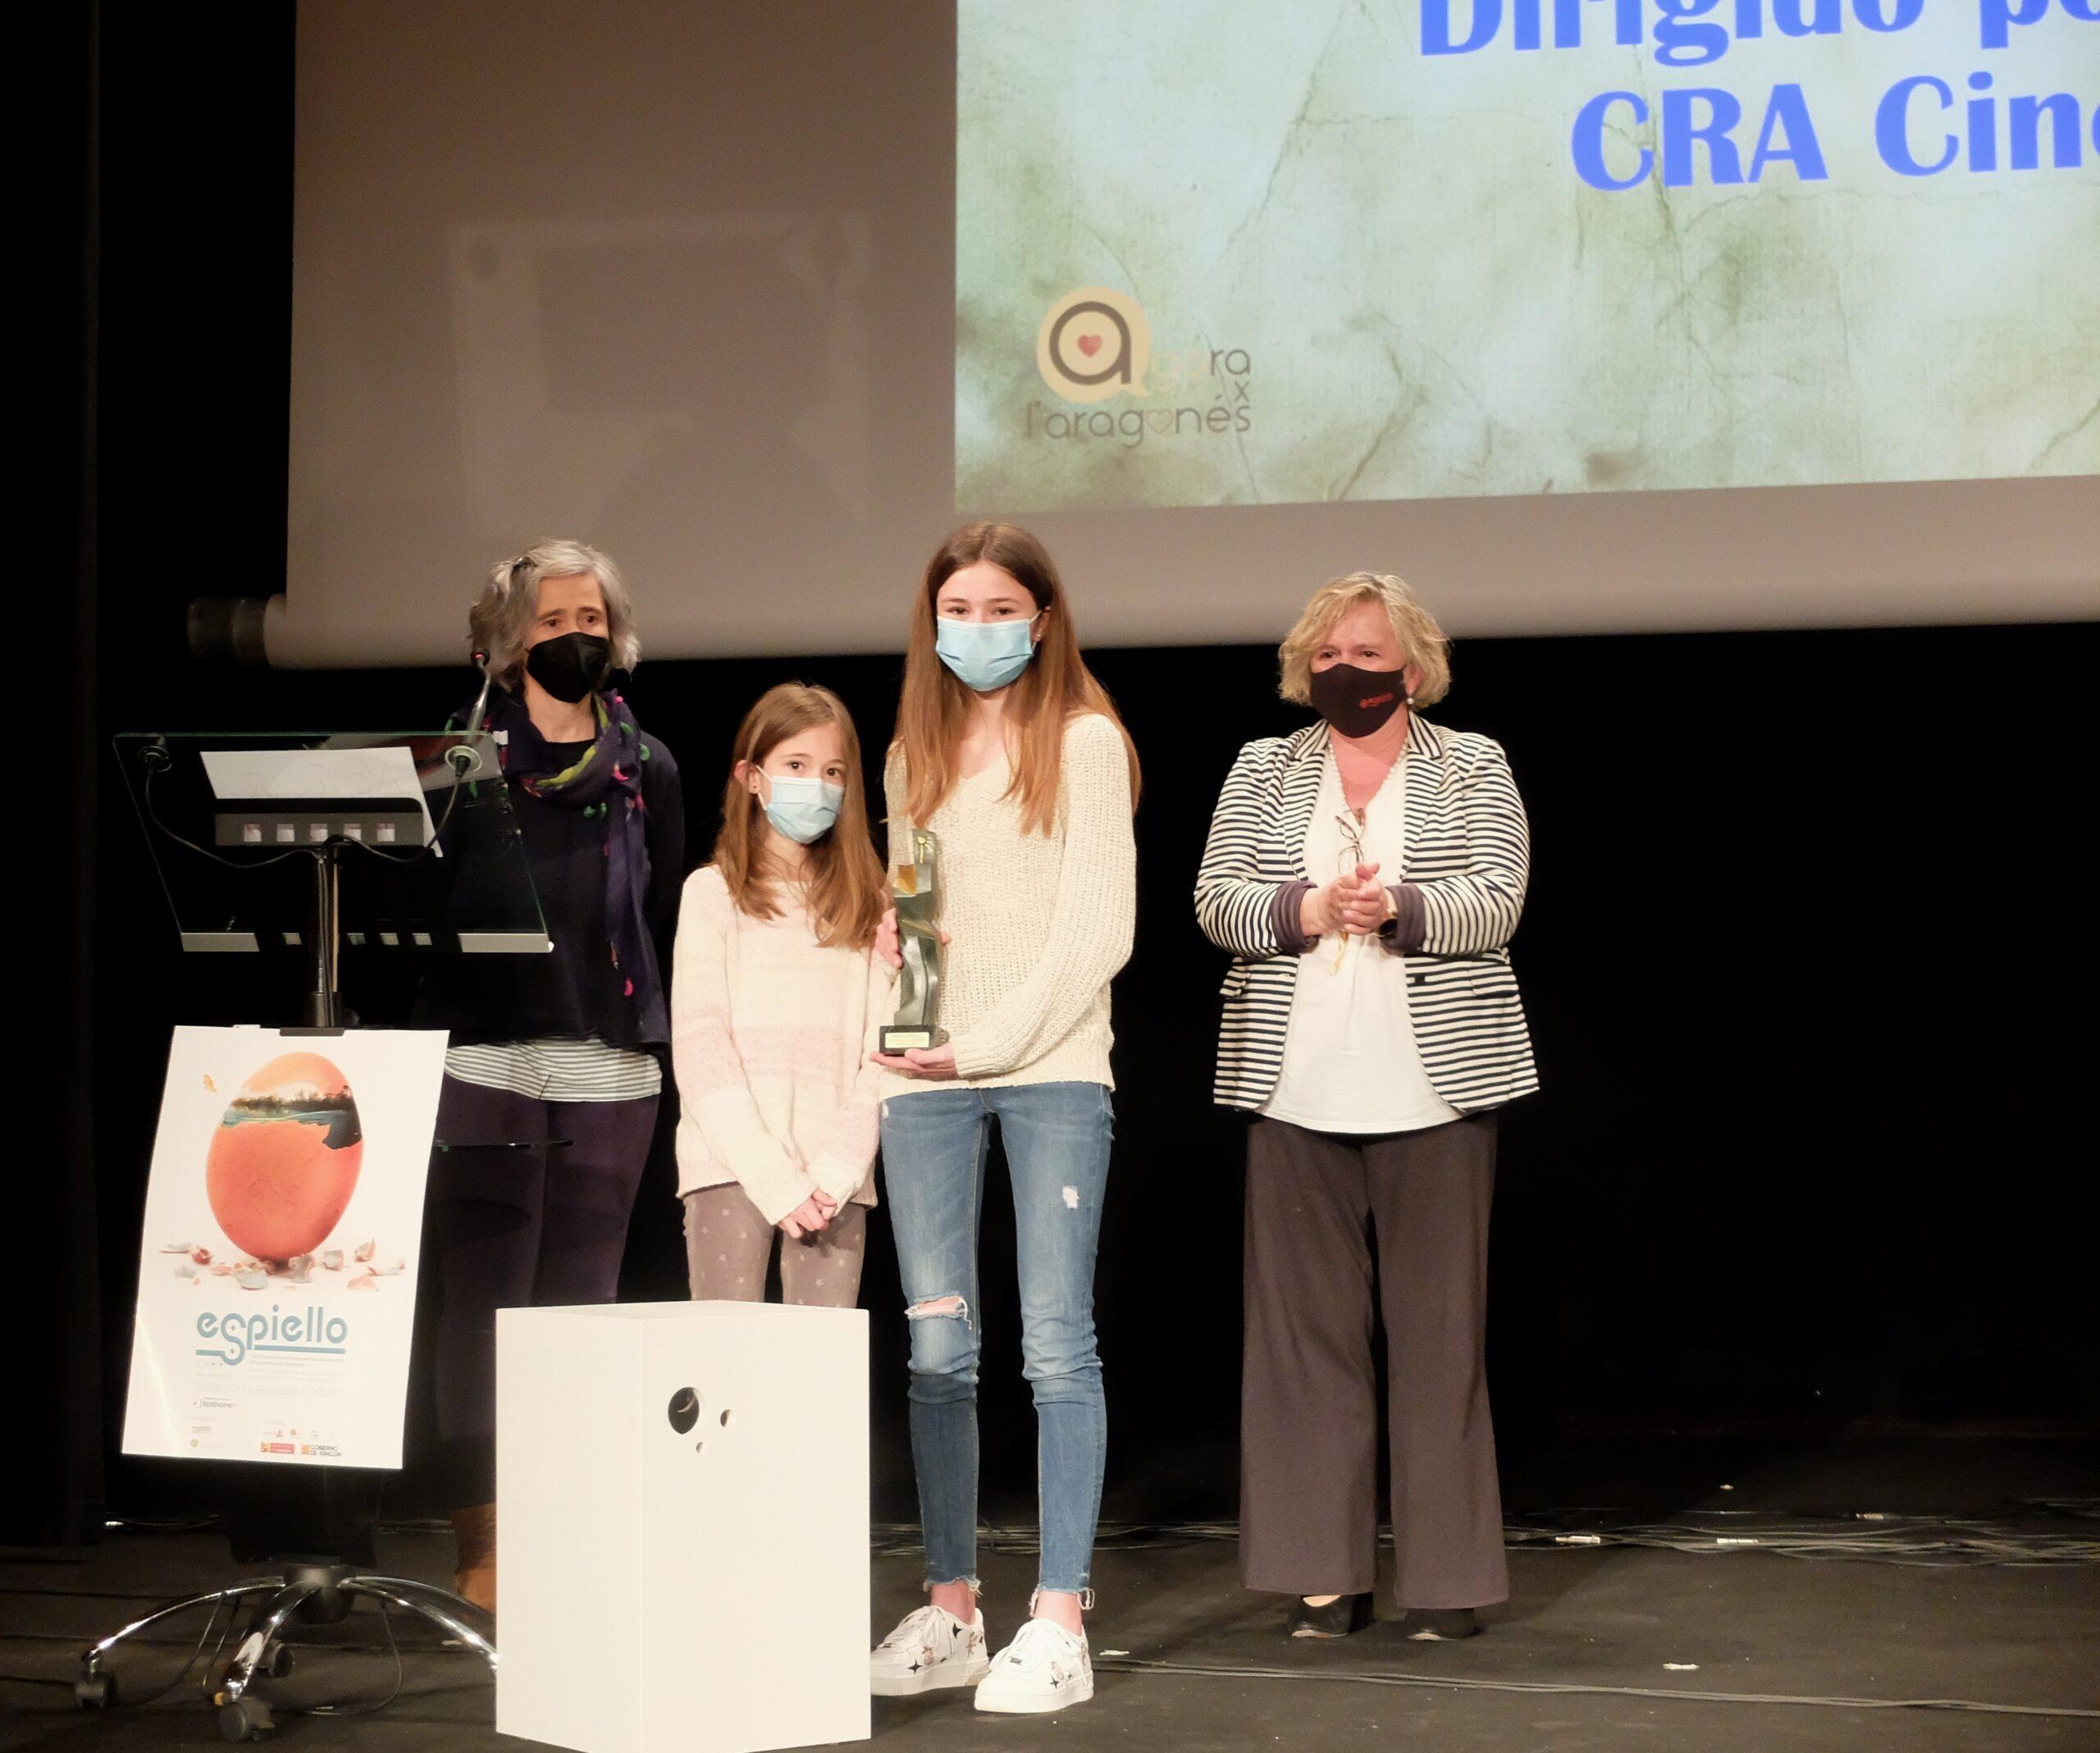 Una familia del CRA Cinca Cinqueta ha recogido el premio en categoría escolar, con la vicepresidenta de la Comarca detrás, Carmen Muro